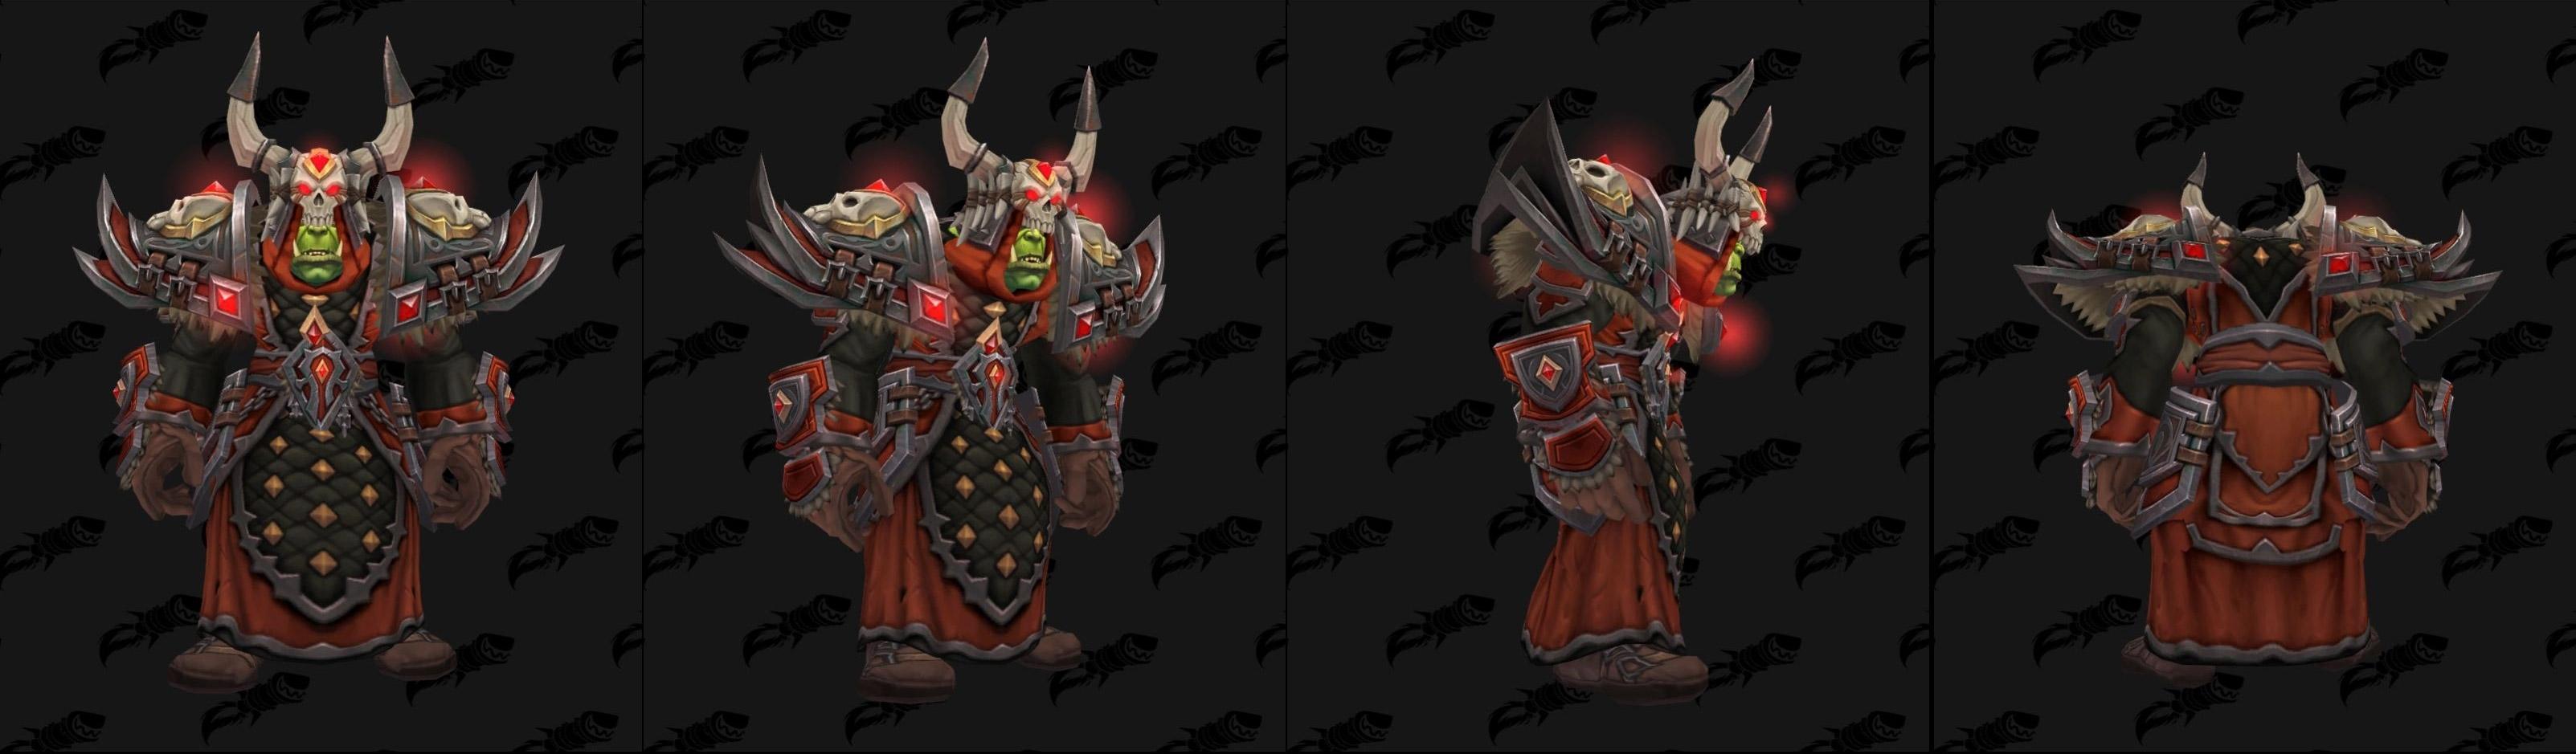 Armures tissu (Horde) - Fronts de guerre Tier 3 - Coloris 1